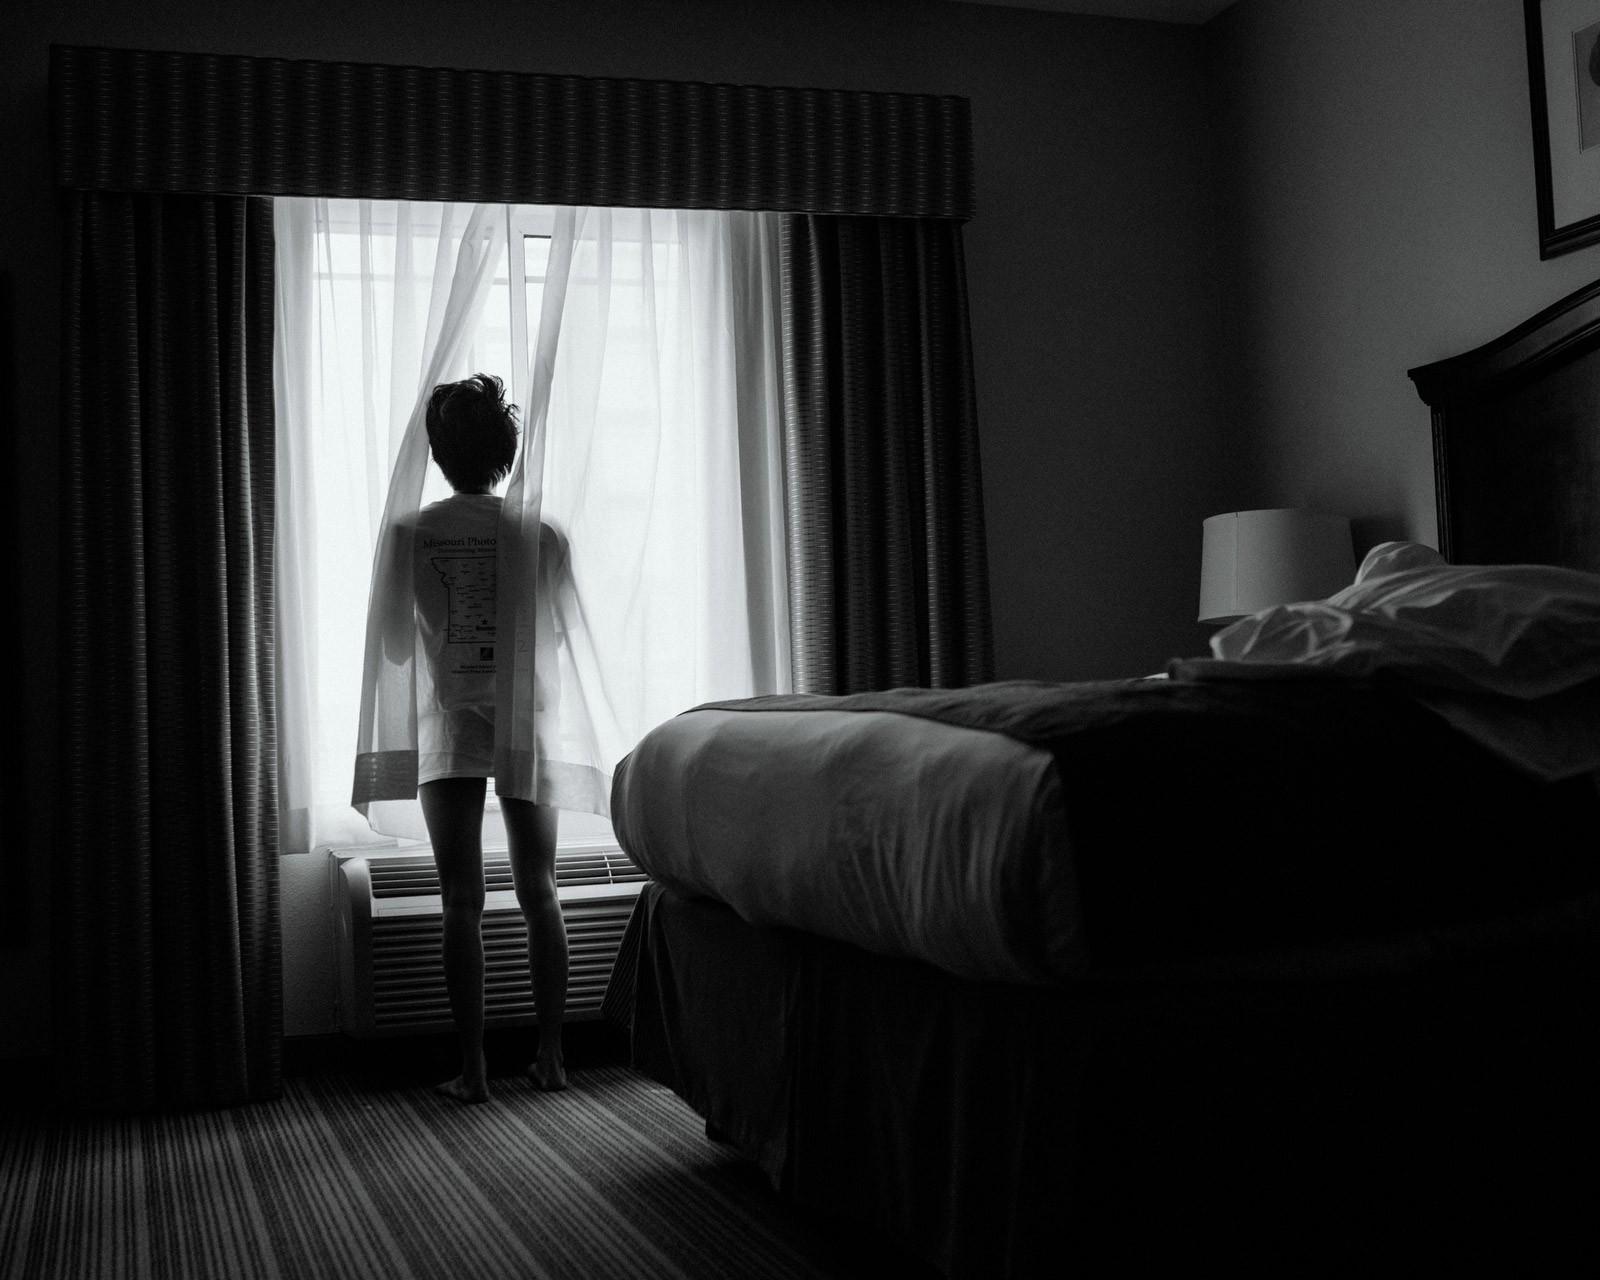 Nữ y tá bị cưỡng hiếp: Vỡ vụn vì bị cưỡng bức, tôi đã cầm đến chiếc máy ảnh - Ảnh 3.